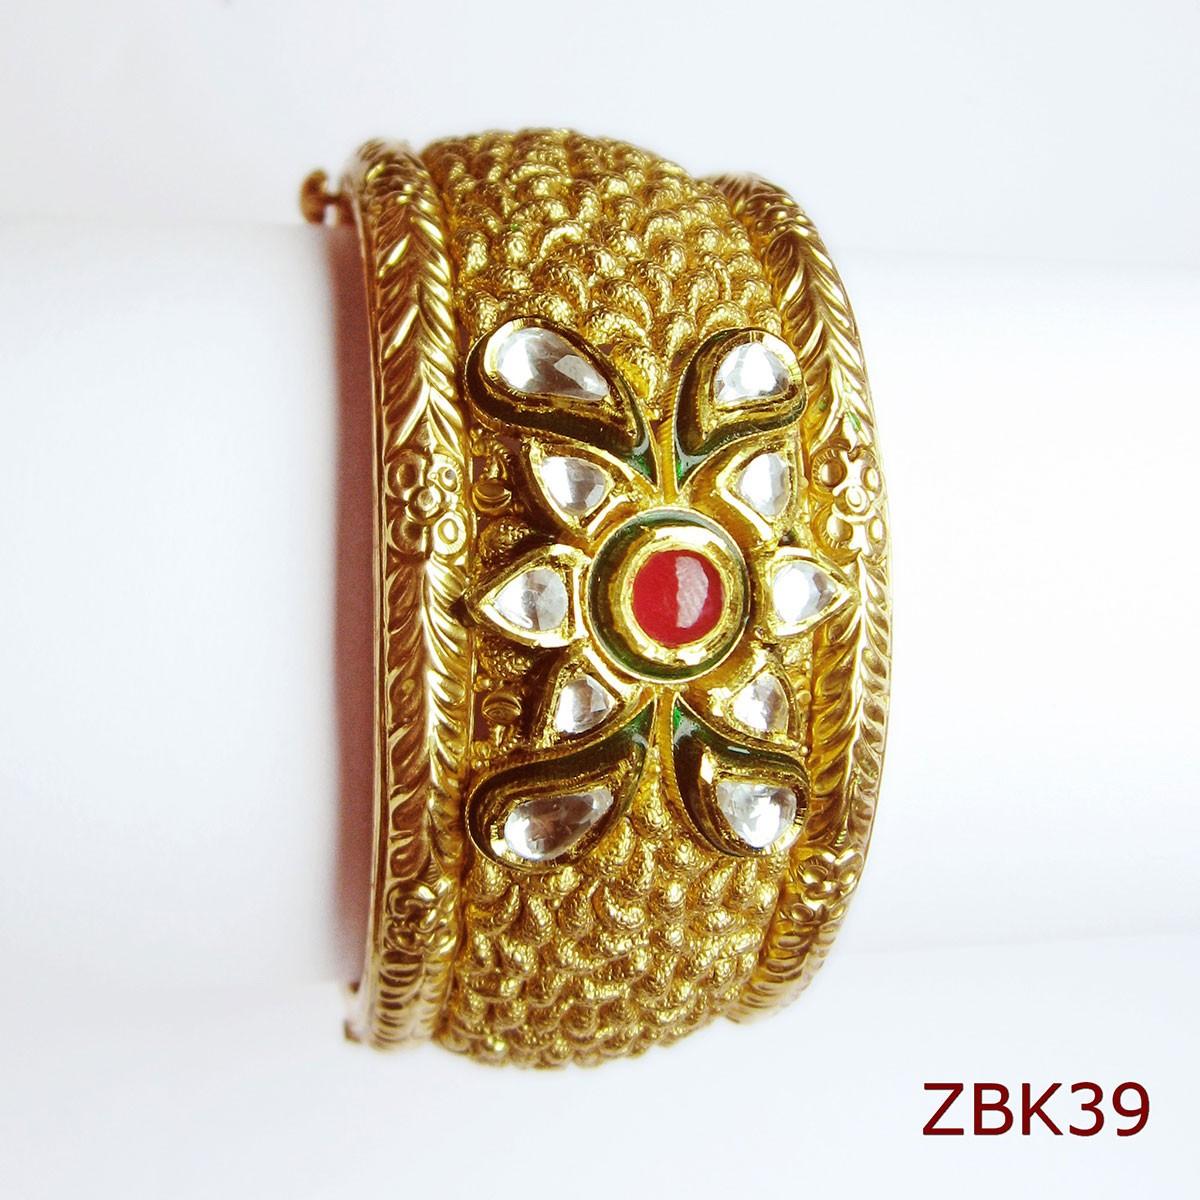 ZBK39